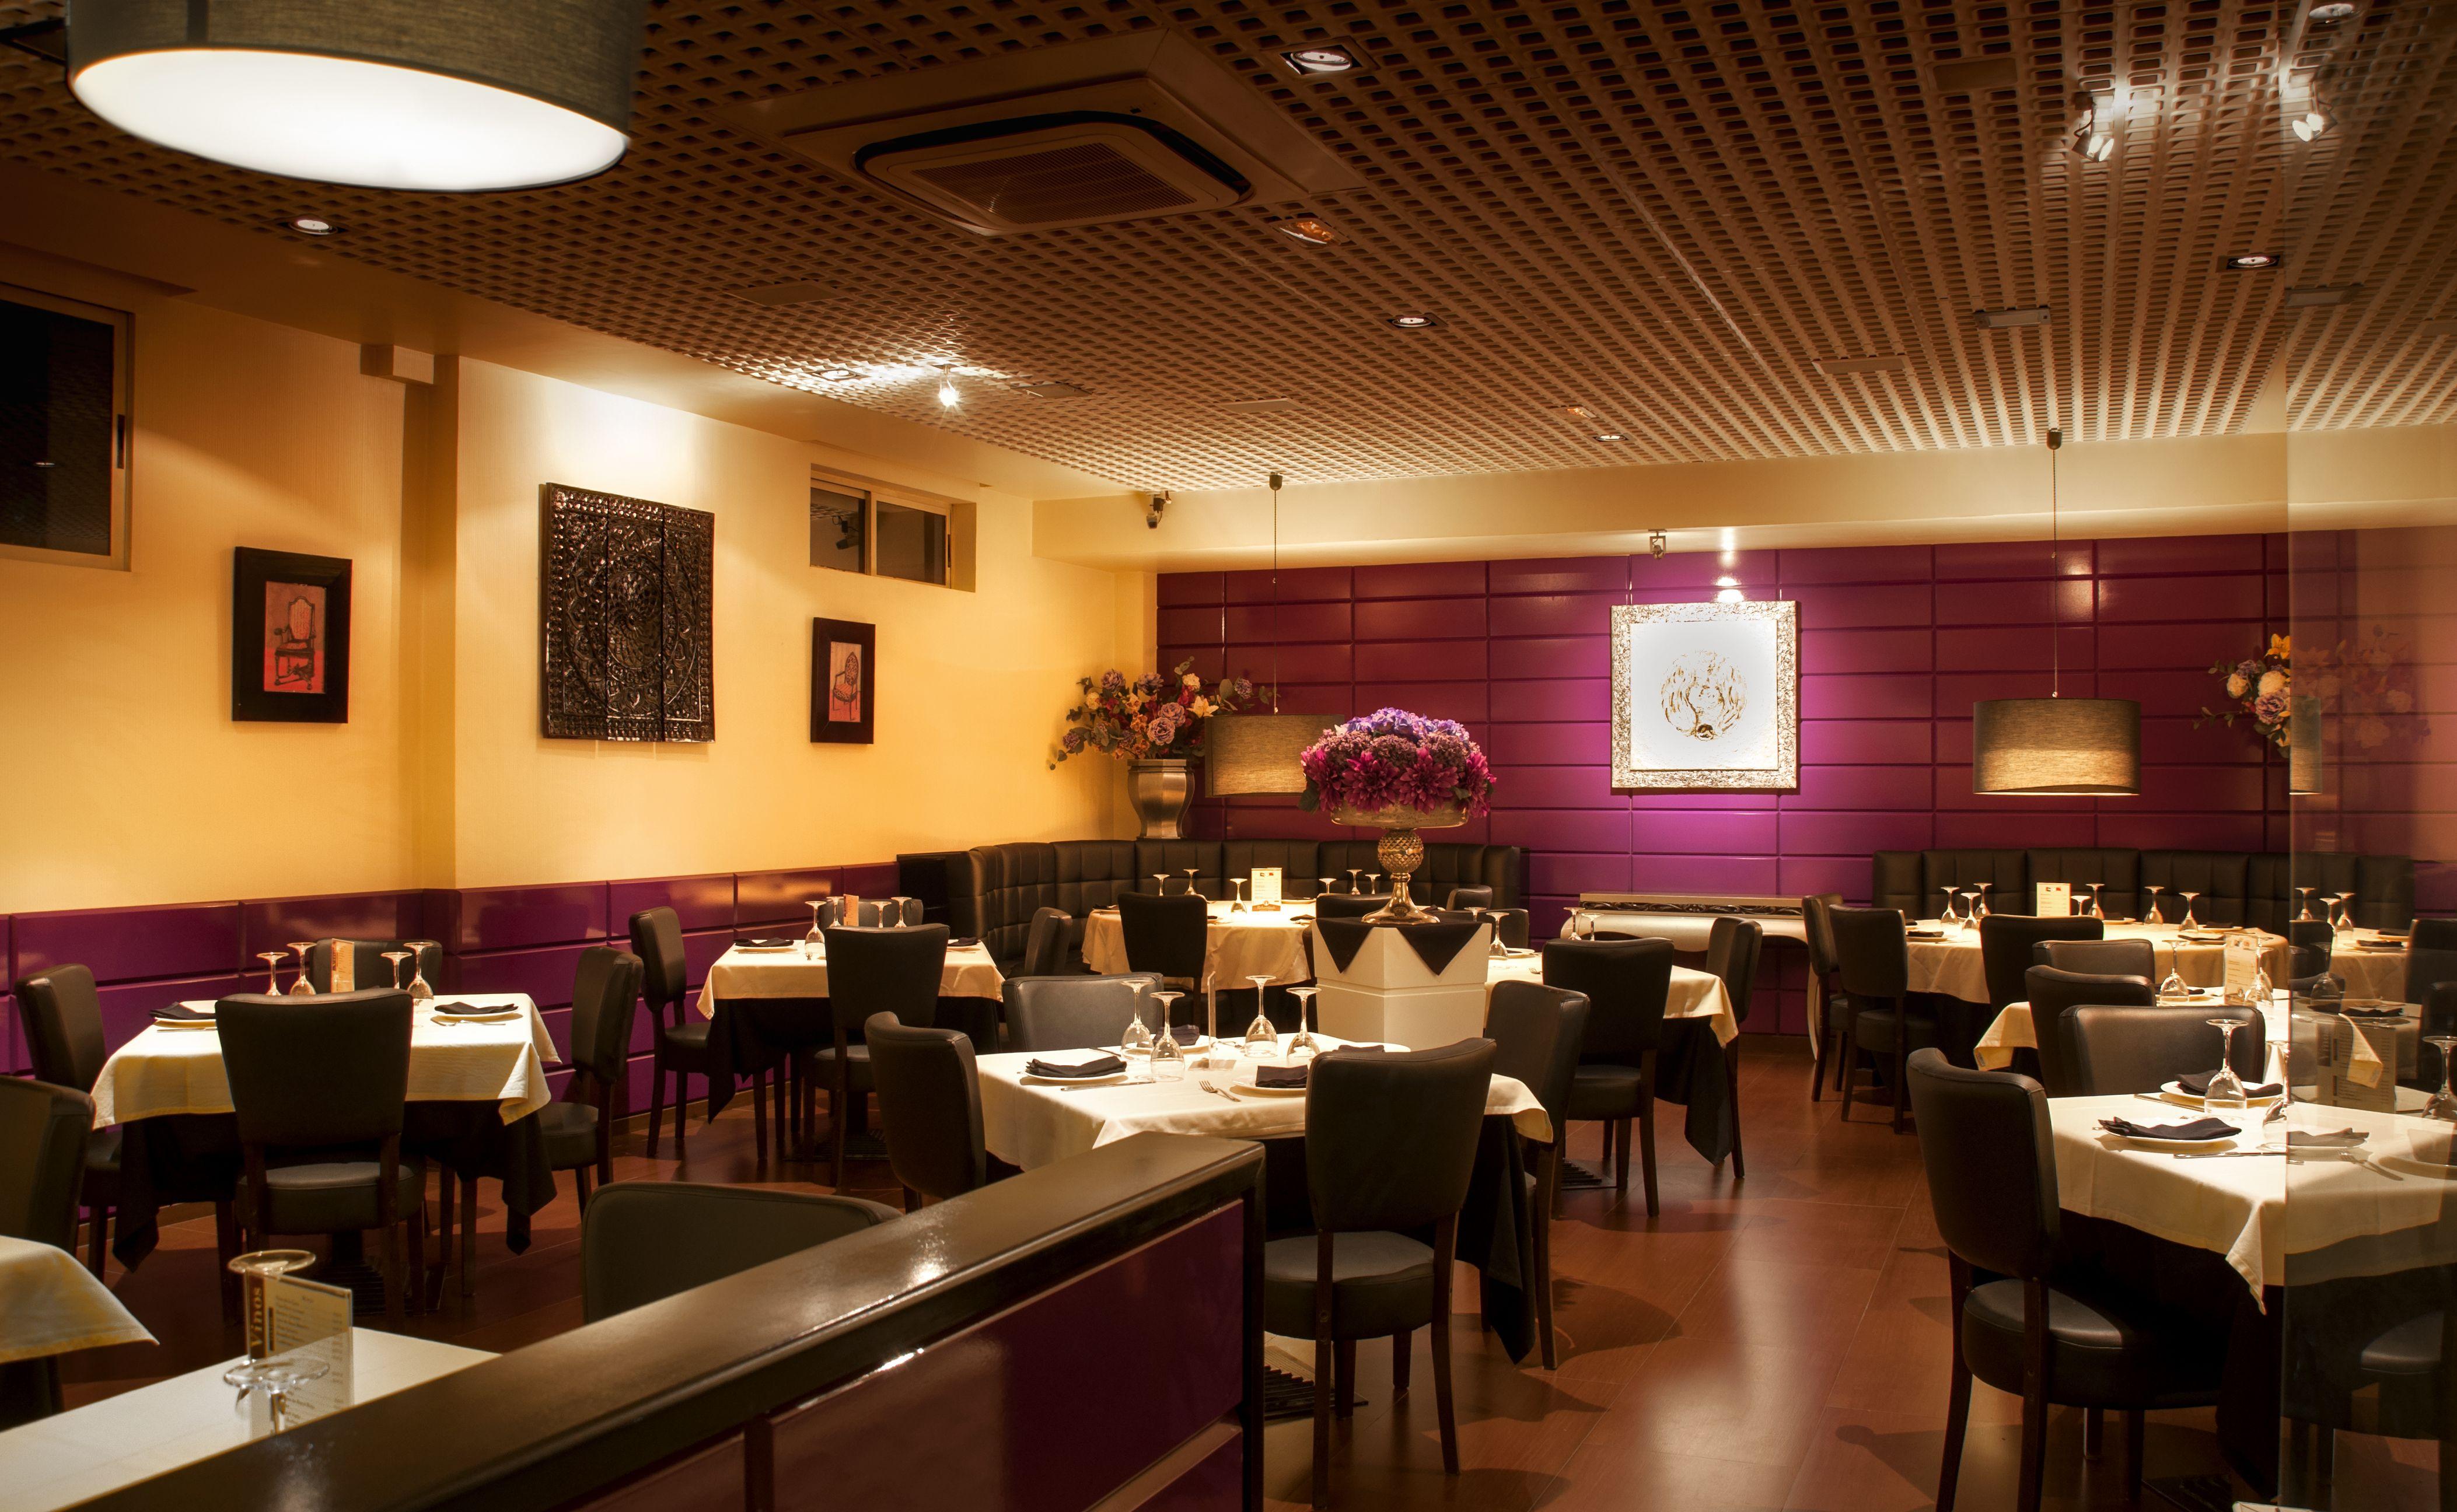 Foto 7 de Restaurante italiano en Collado Villalba | Restaurante Robertinos